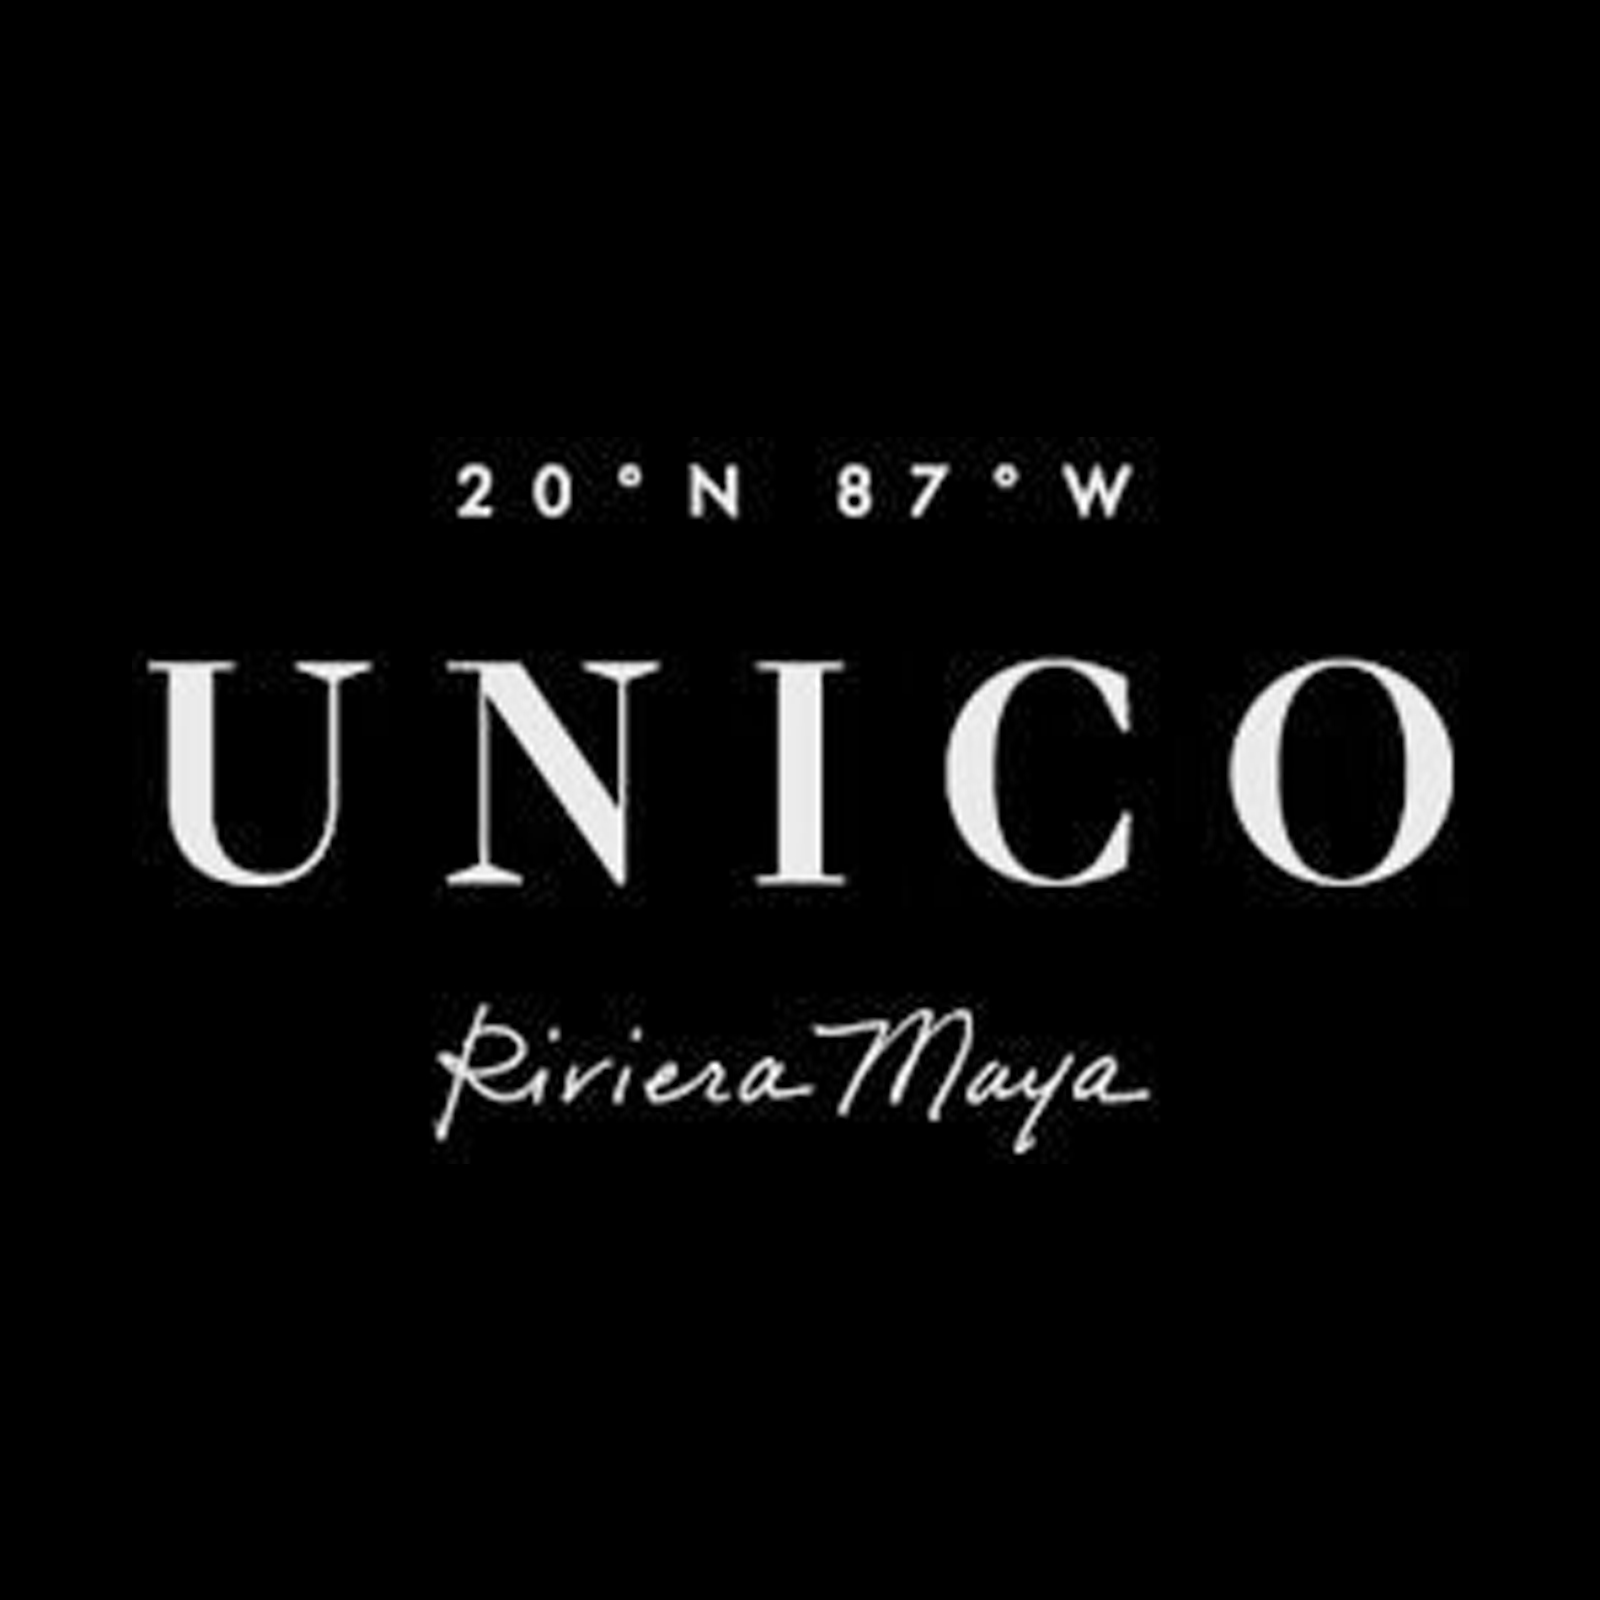 Unico2087